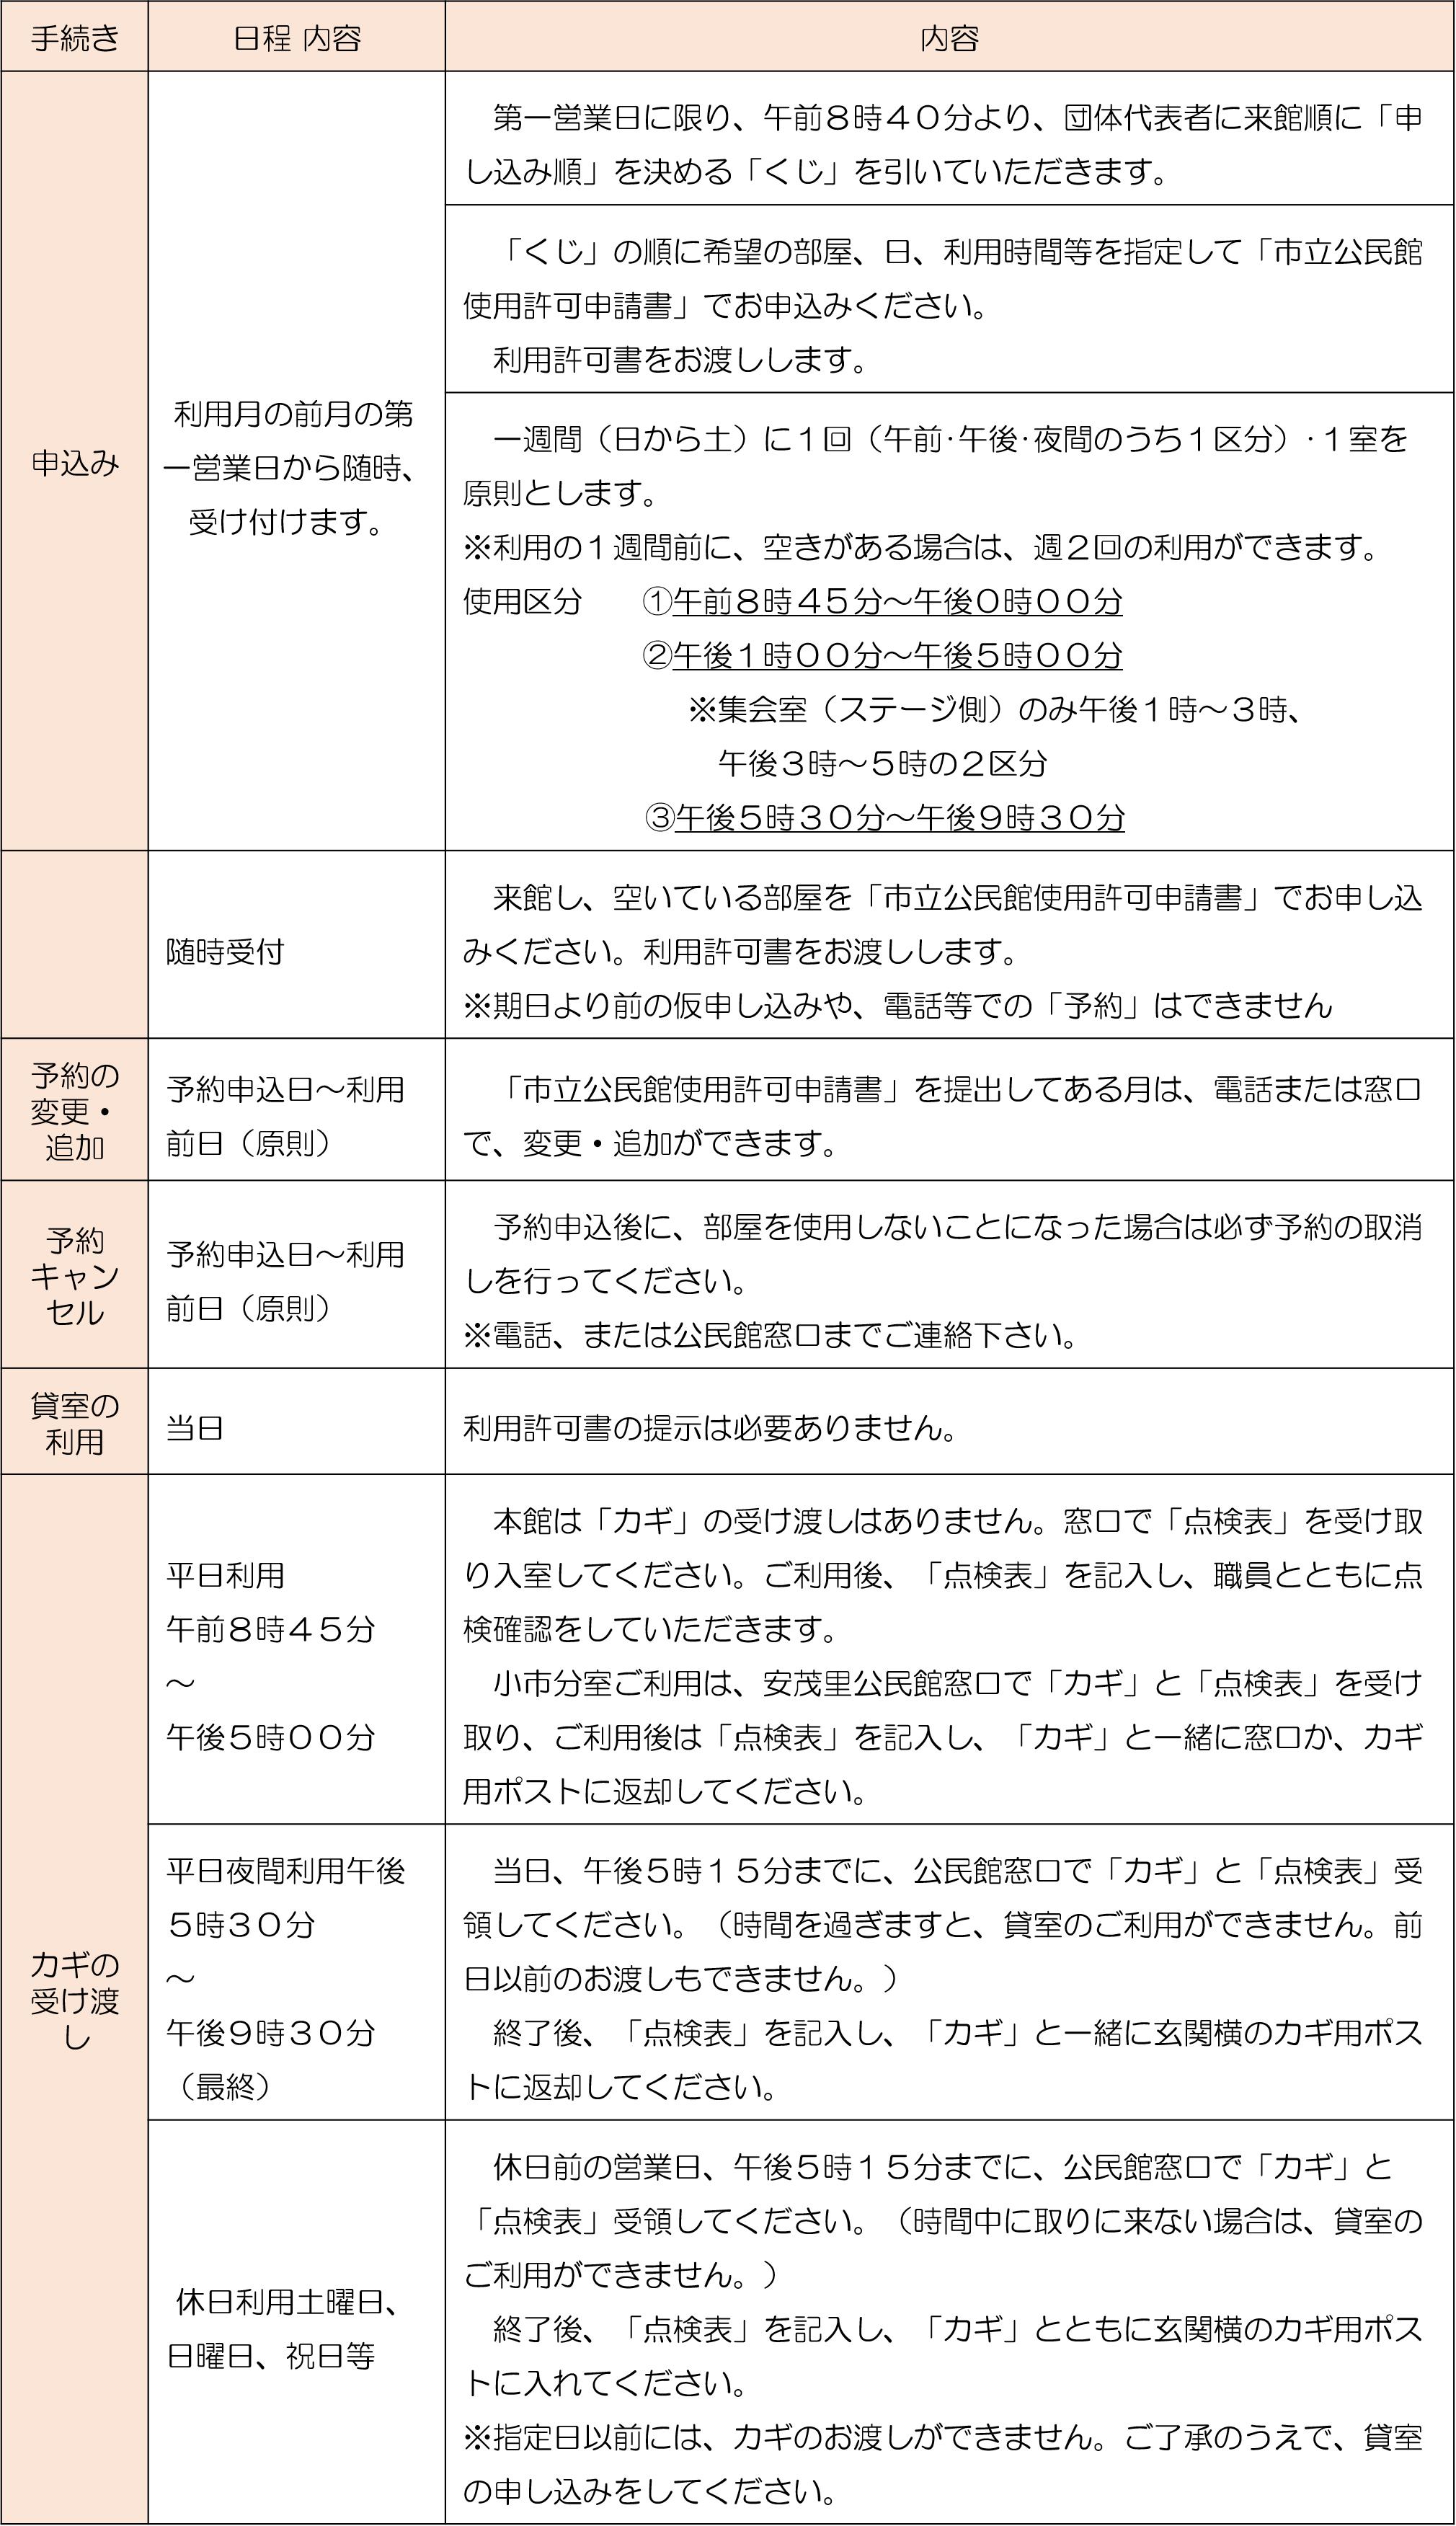 公民館利用の申込み